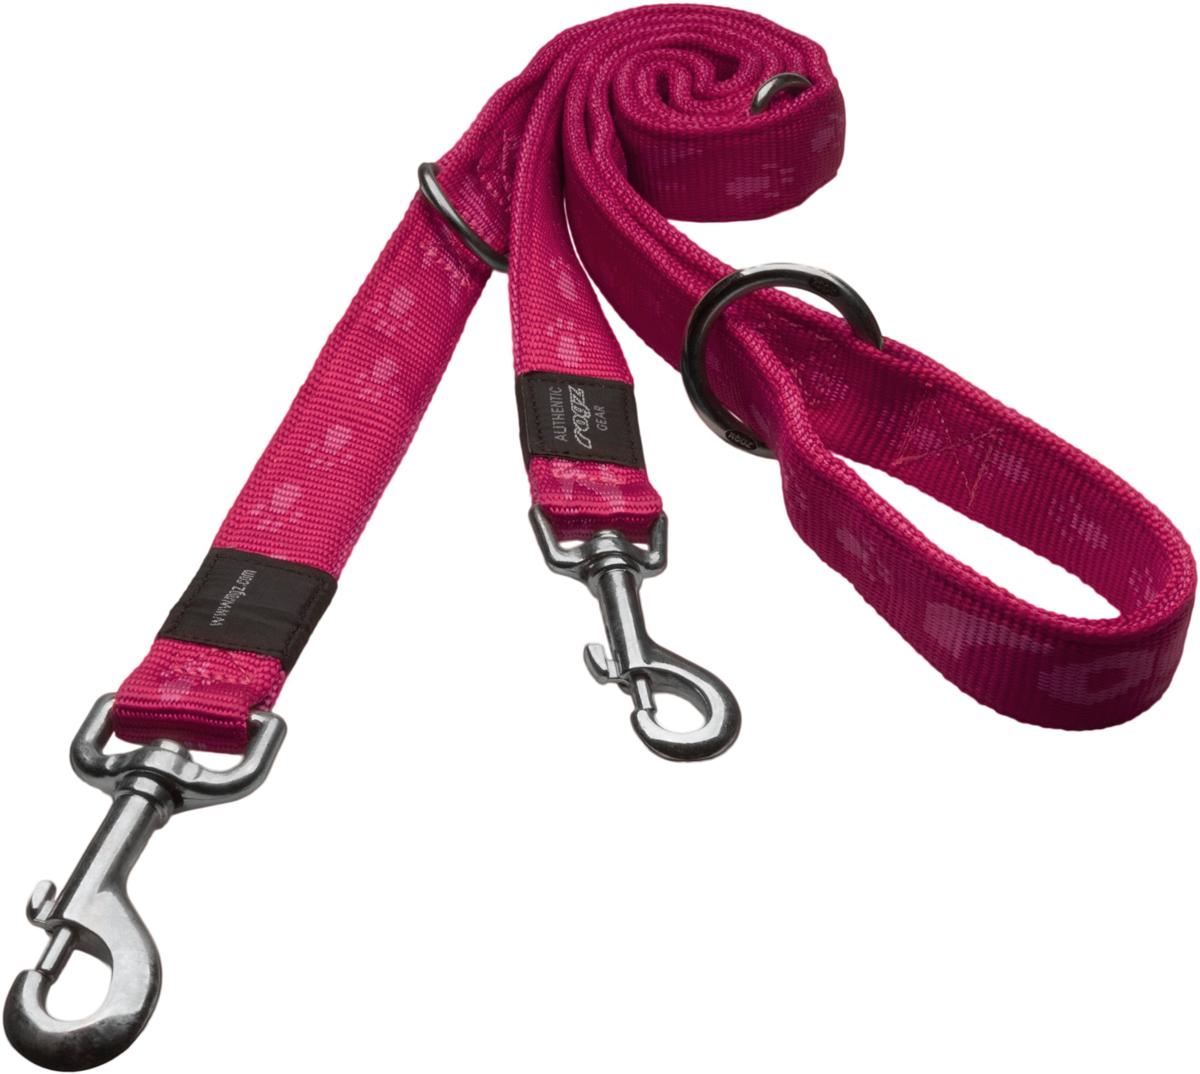 Поводок перестежка для собак Rogz Alpinist, цвет: розовый, ширина 1,6 см, длина 1,78 м. Размер MHLM01BSОсобо мягкий, но очень прочный поводок Rogz Alpinist обеспечит безопасность на прогулке даже самым активным собакам.Все соединения деталей имеют специальную дополнительную строчку для большей прочности.Выполненные специально по заказу Rogz литые кольца гальванически хромированы, что позволяет избежать коррозии и потускнения изделия.Многофункциональный поводок-перестежку можно использовать как: поводок для двух собак; короткий, средний или удлиненный поводок (1м; 1,3 м; 1,6 м); поводок через плечо; временную привязь.